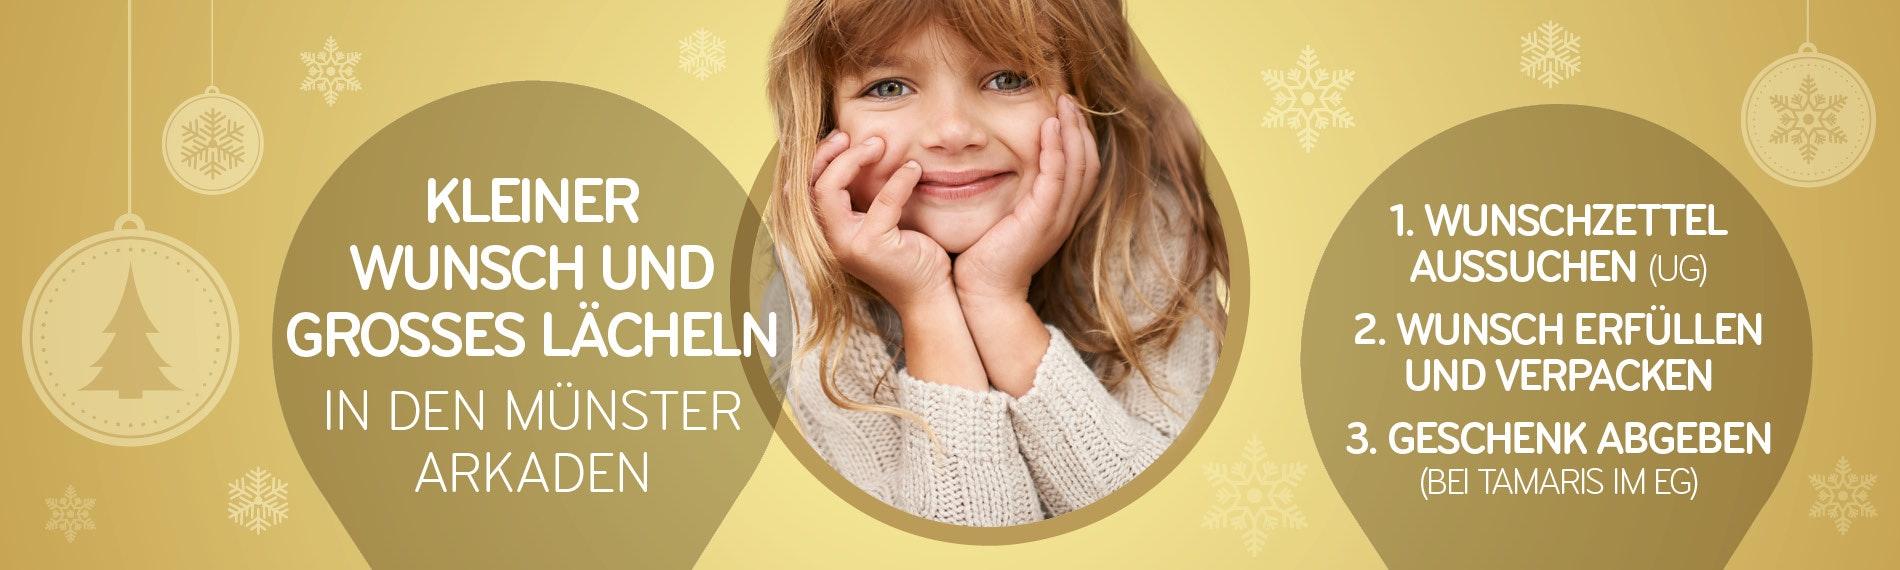 Kleiner Wunsch Großes Lächeln Charity Aktion